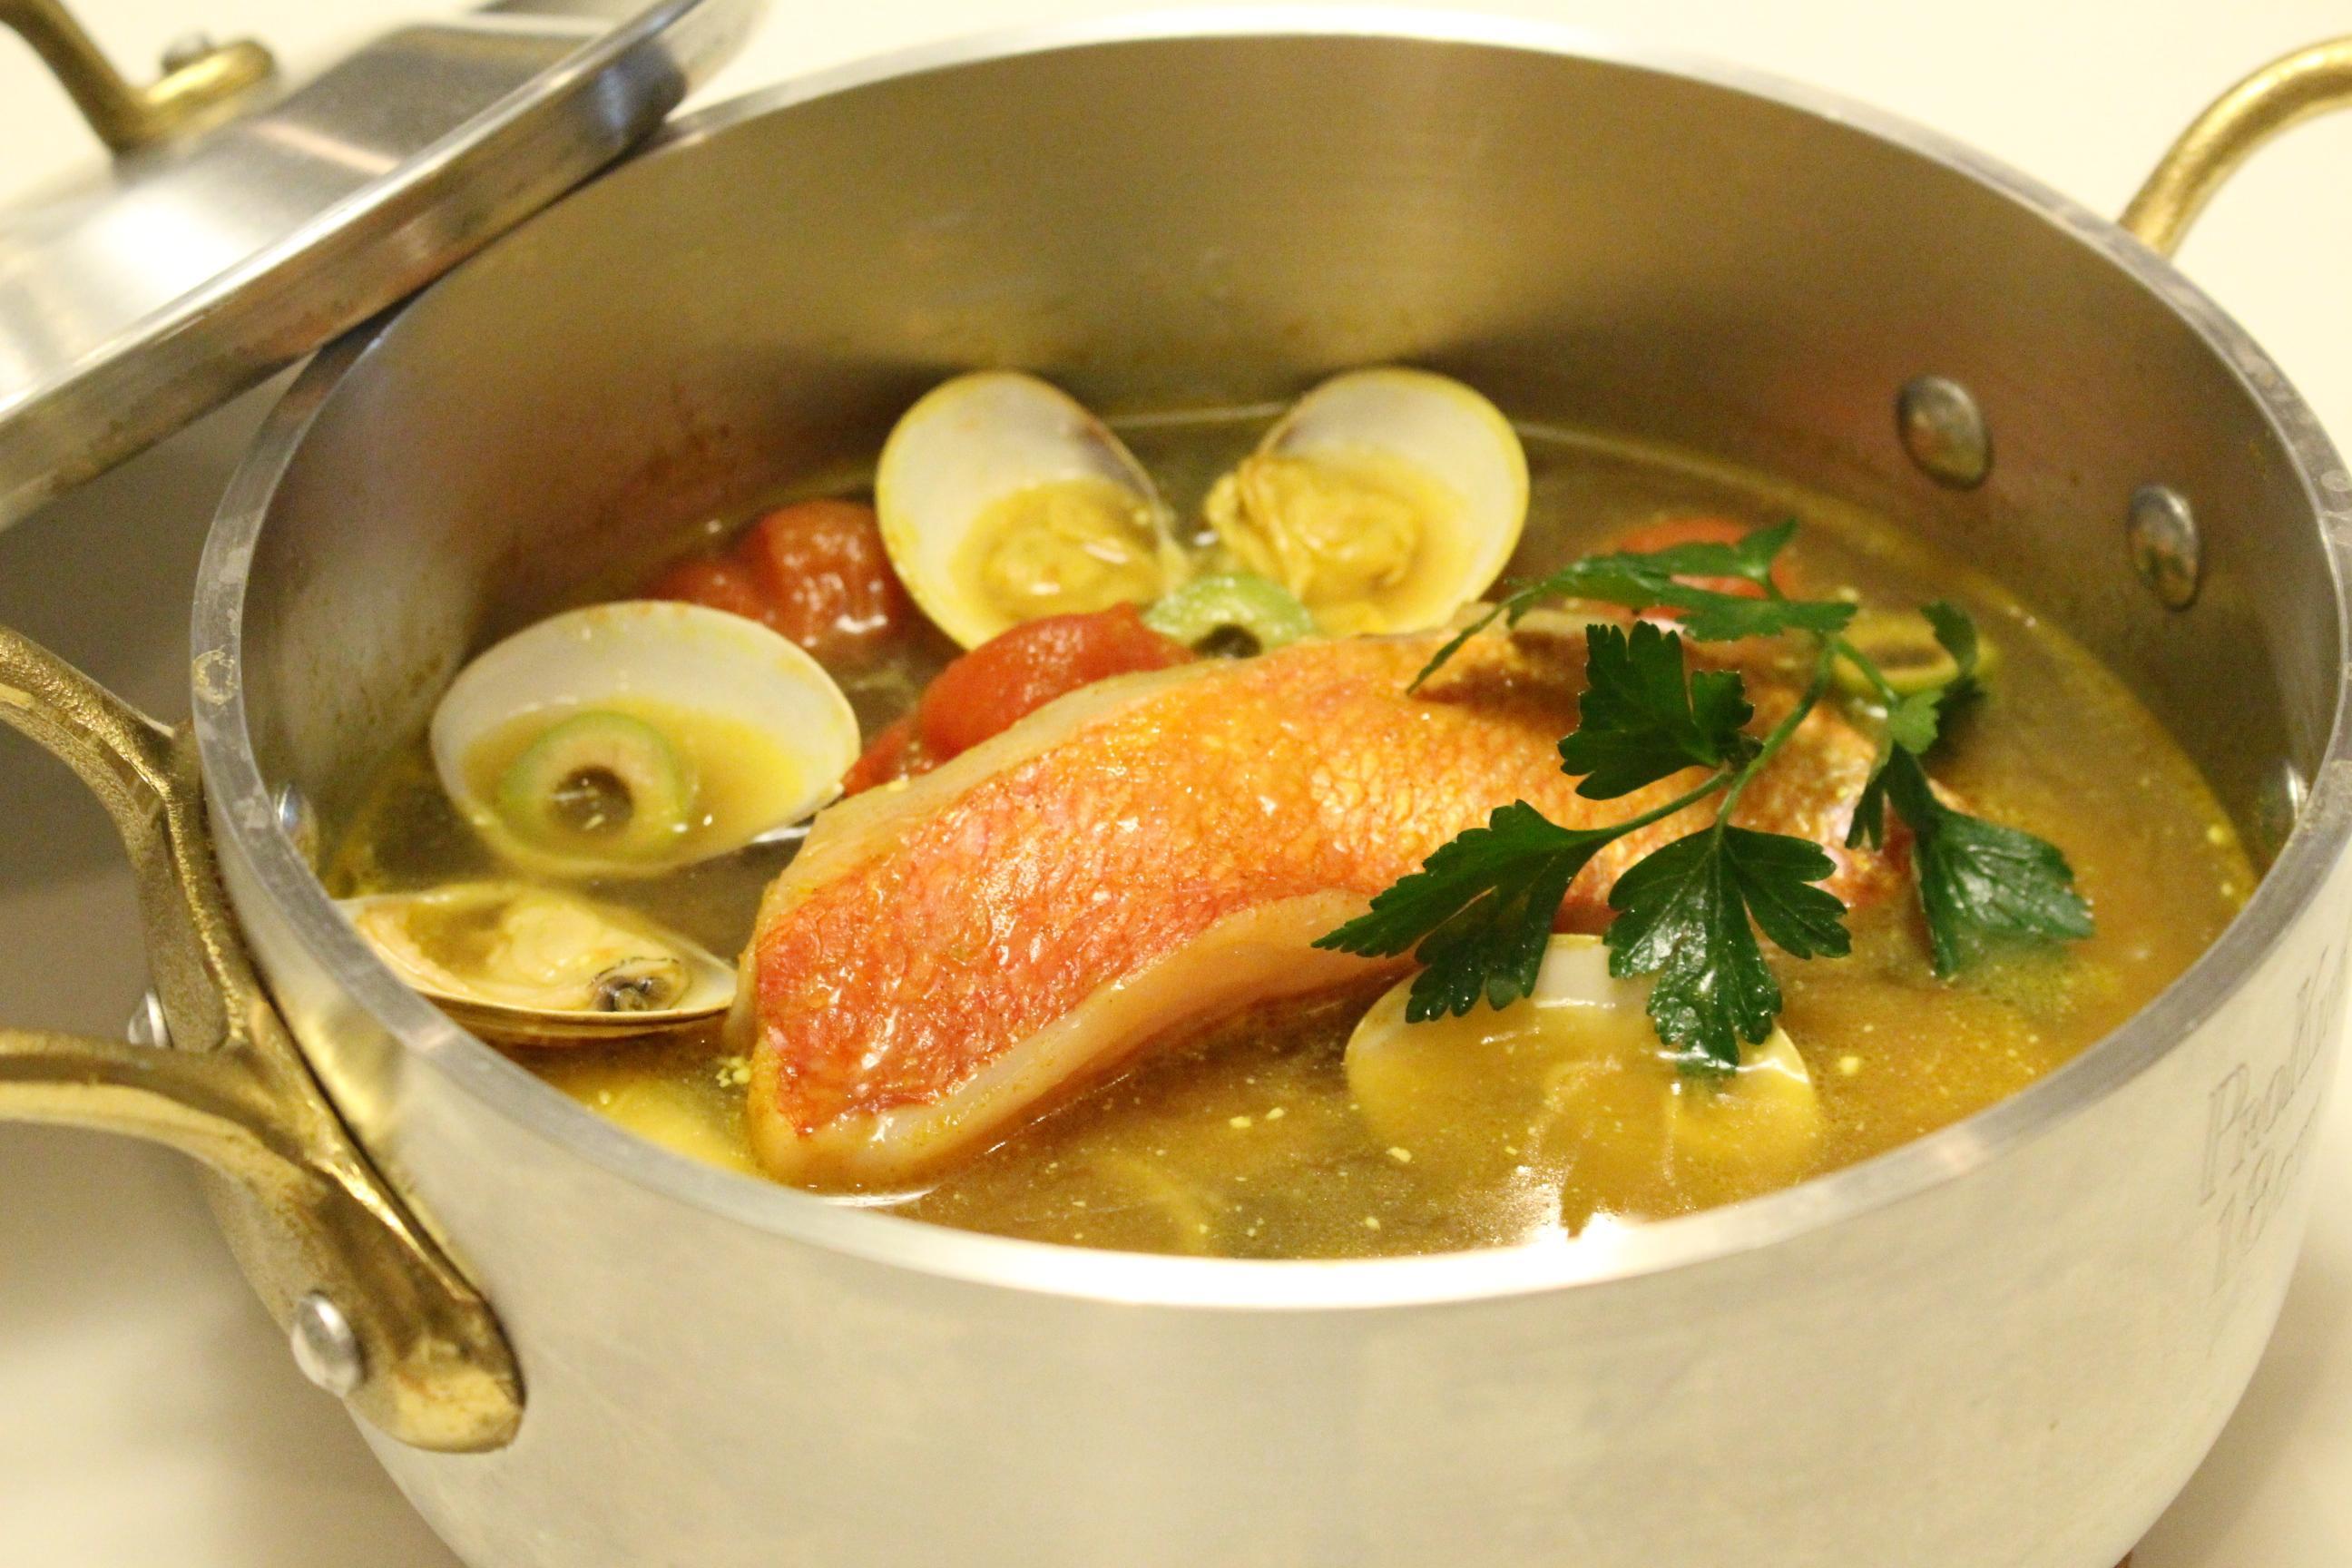 キンメダイの煮付け、イタリアの漁師風